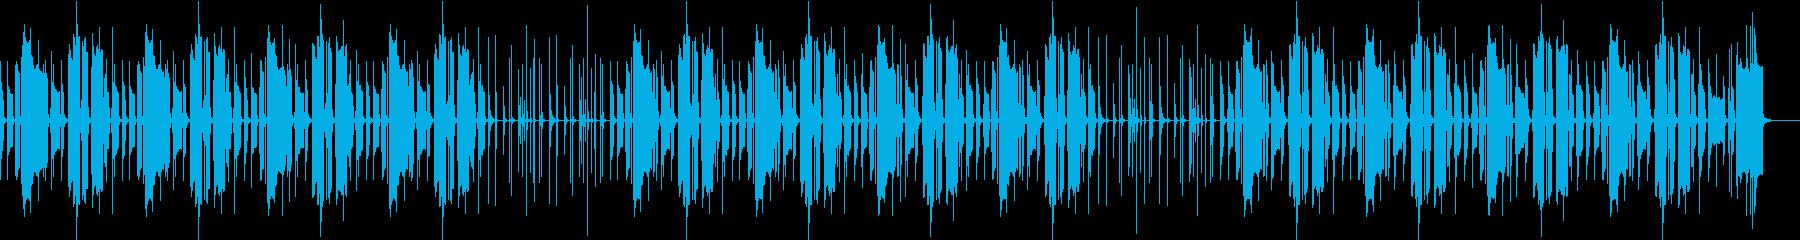 ほのぼのした日常の楽曲 劇伴の再生済みの波形